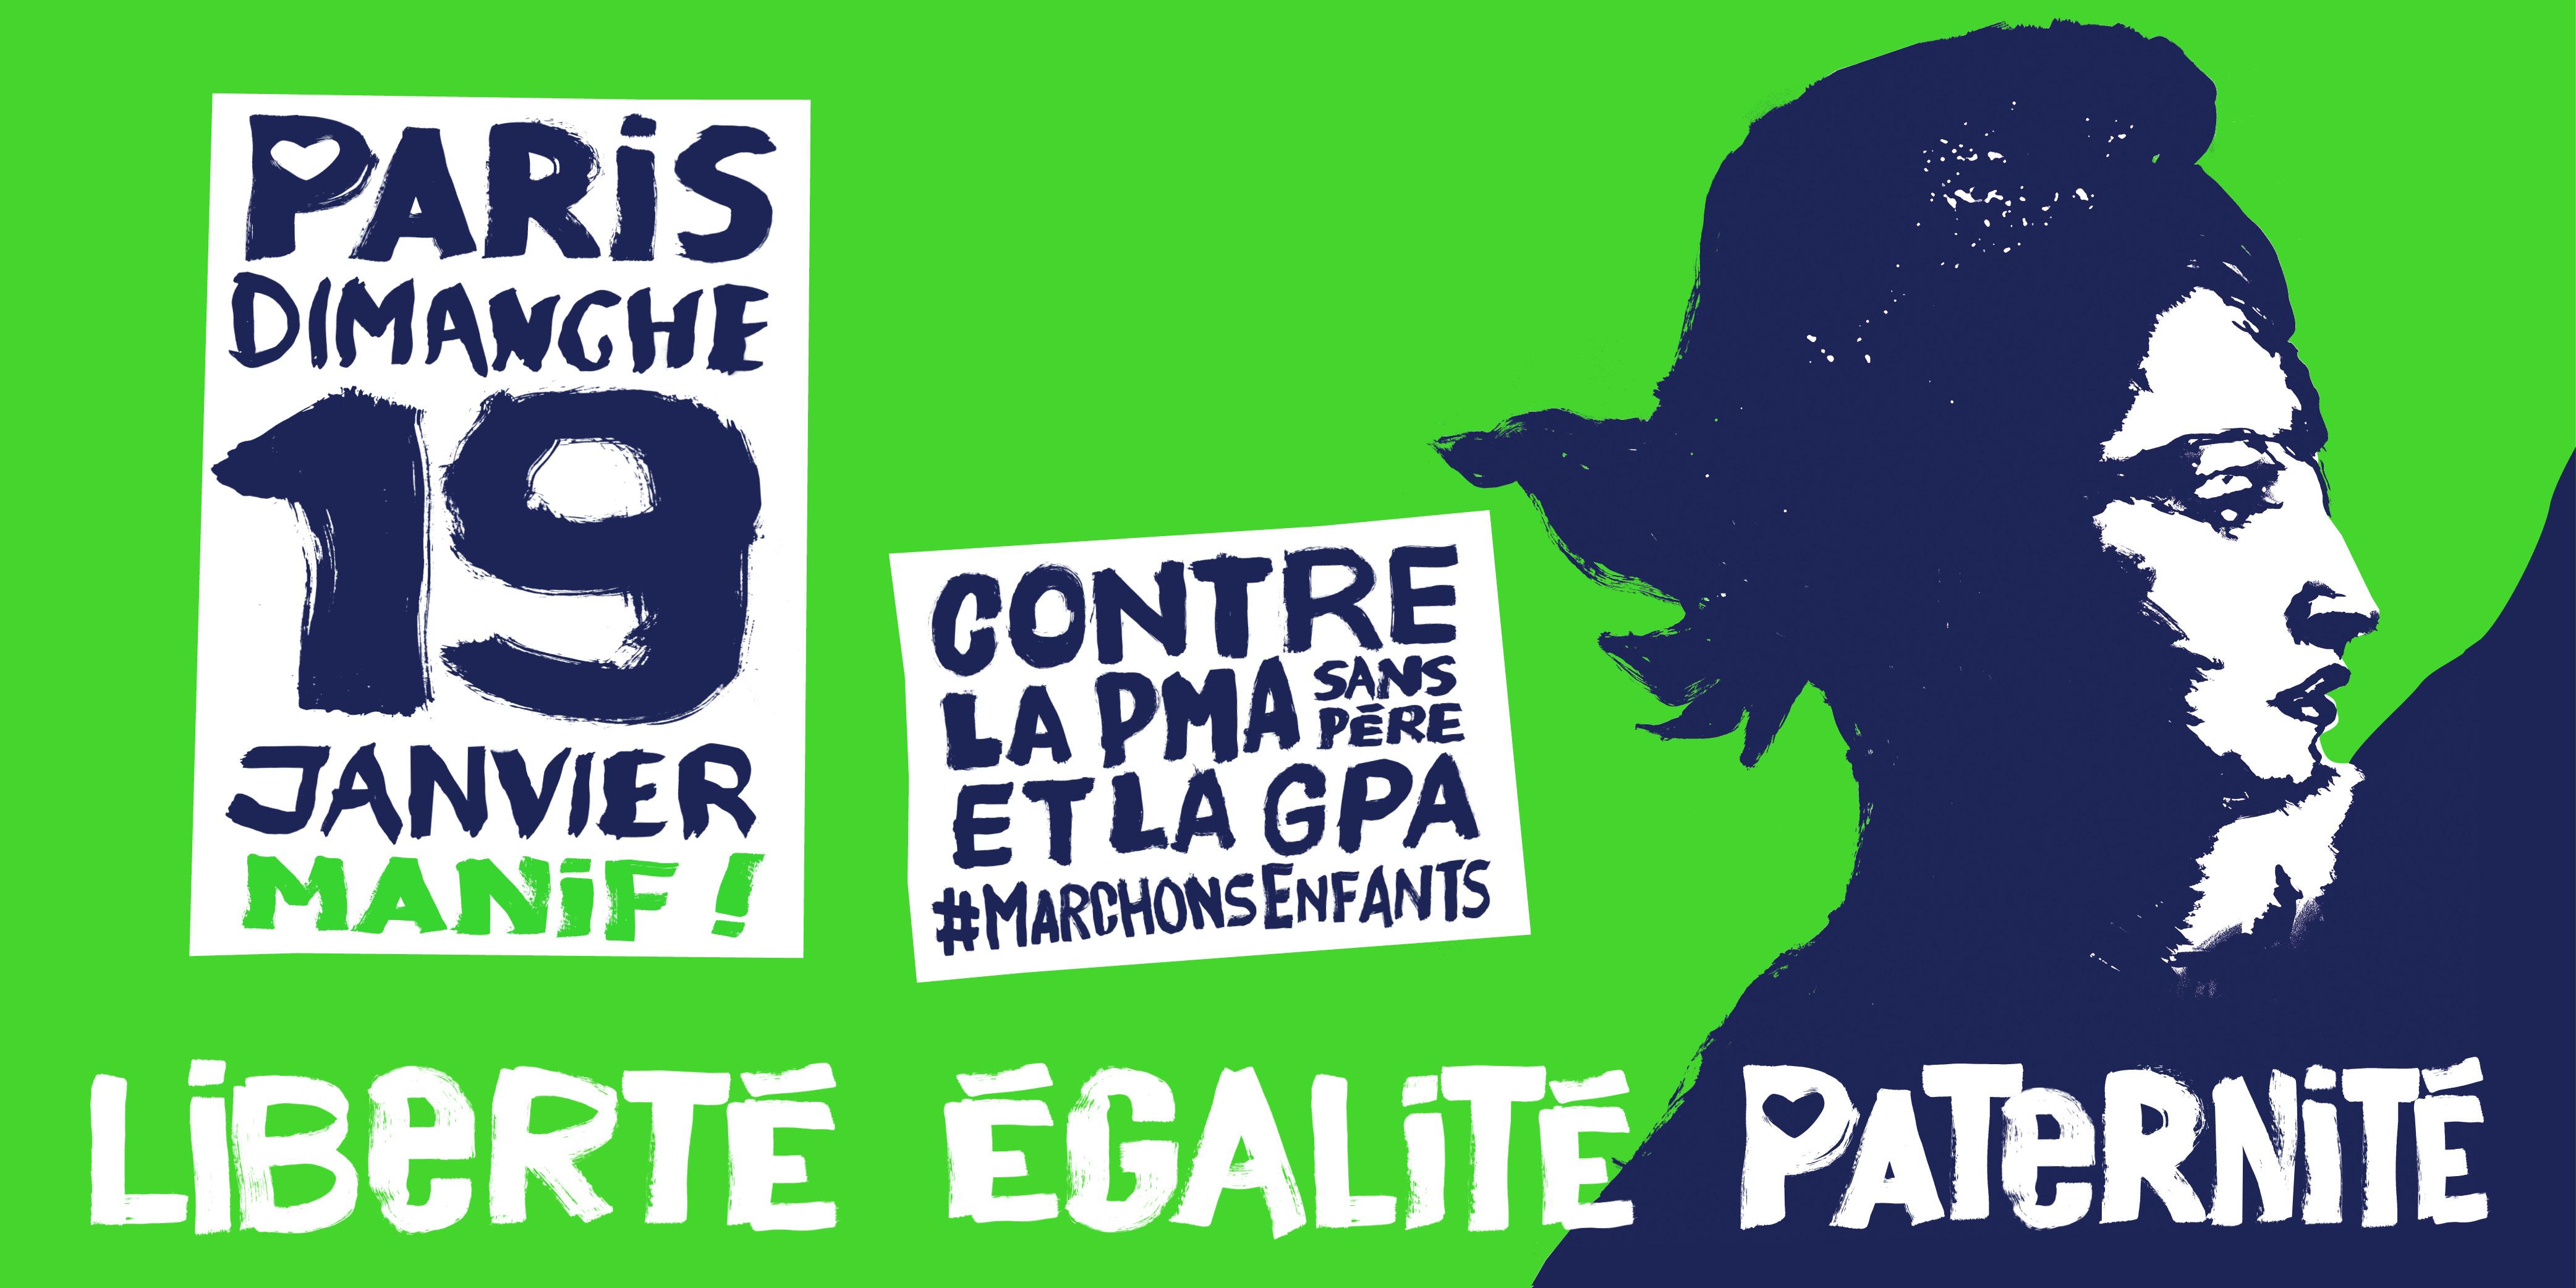 Image - Manifestation du 19 janvier contre la PMA sans Père et la GPA